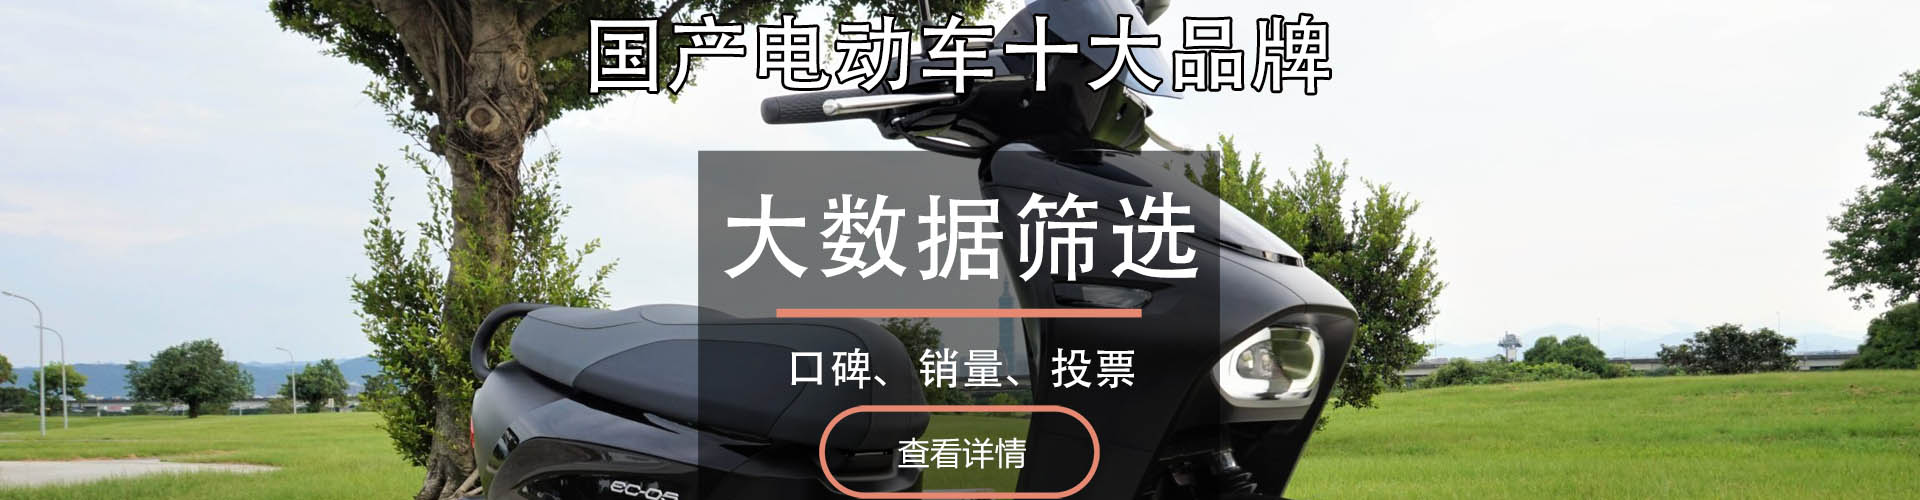 国产电动车十大品牌排行榜